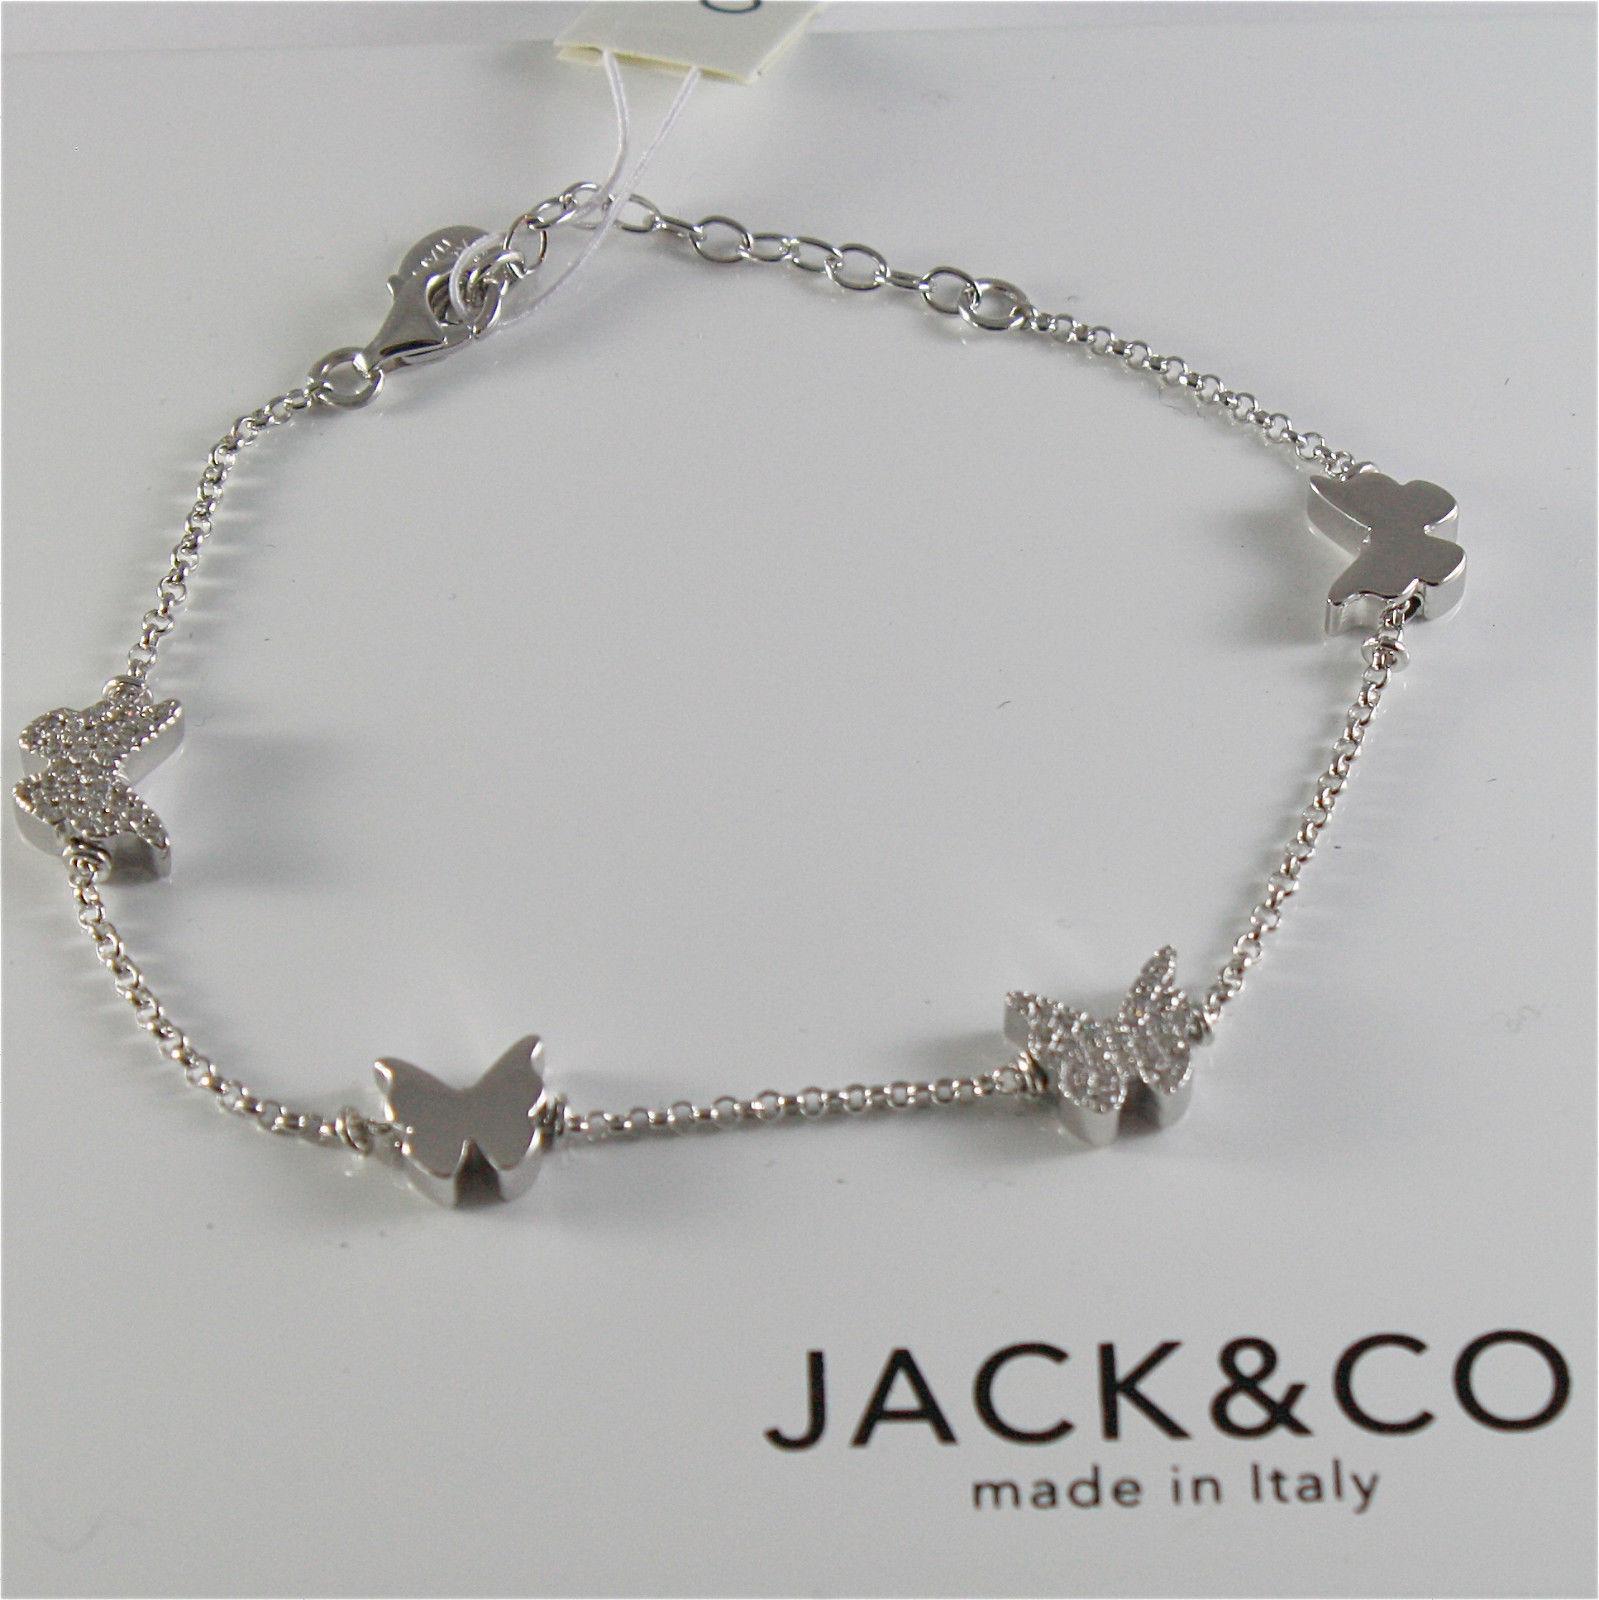 BRACCIALE IN ARGENTO 925 JACK&CO CON FARFALLE E ZIRCONIA CUBICA JCB0741 19 CM